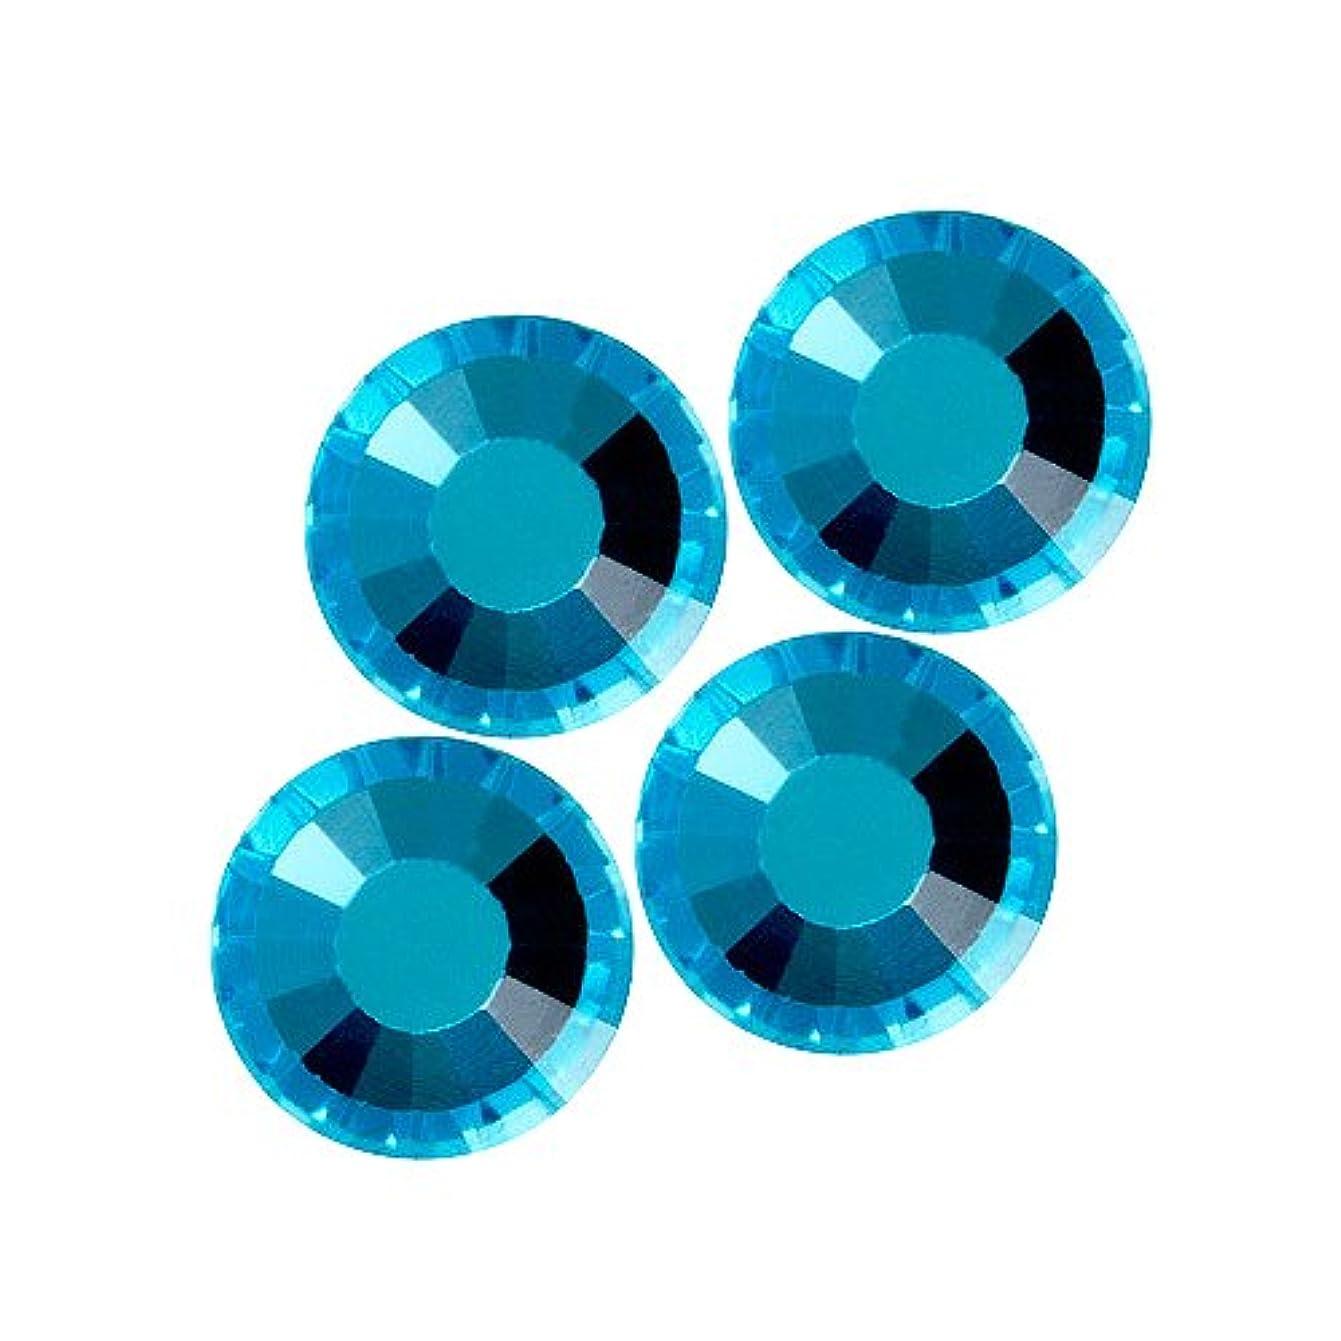 マントリーチ好みバイナル DIAMOND RHINESTONE アクアマリン SS12 1440粒 ST-SS12-AQM-10G